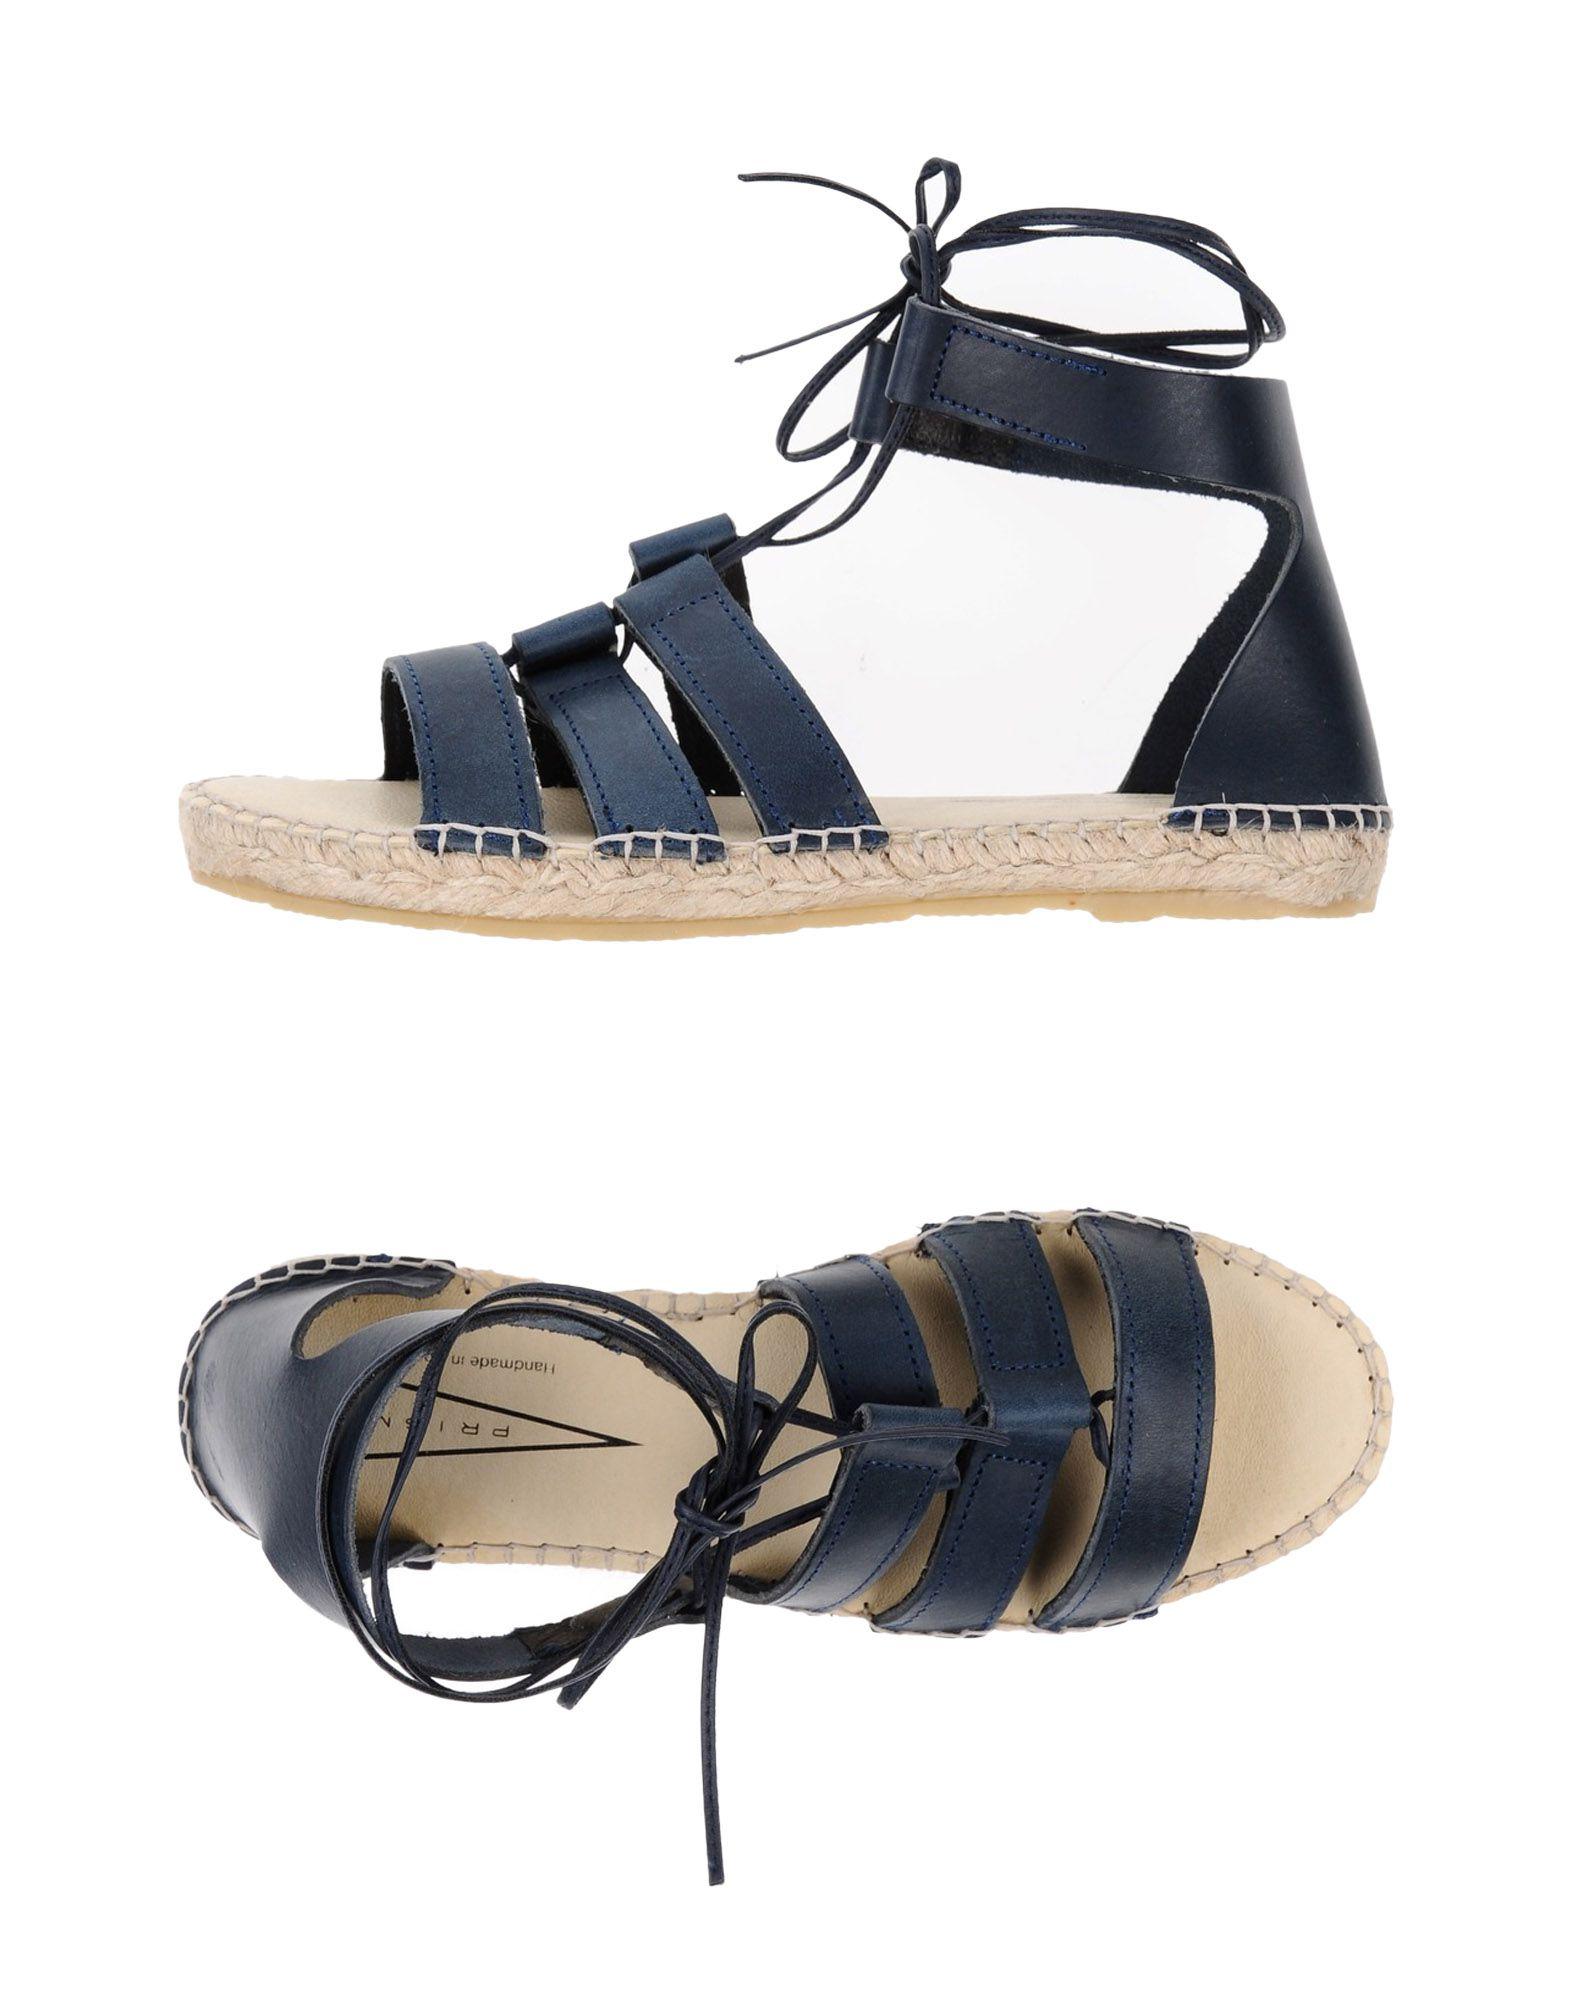 Feifei Hommes Chaussures Printemps Et Automne Mode Loisirs Toile Marée Chaussures 3 Couleurs (Couleur : 02, Taille : EU39/UK6/CN39)